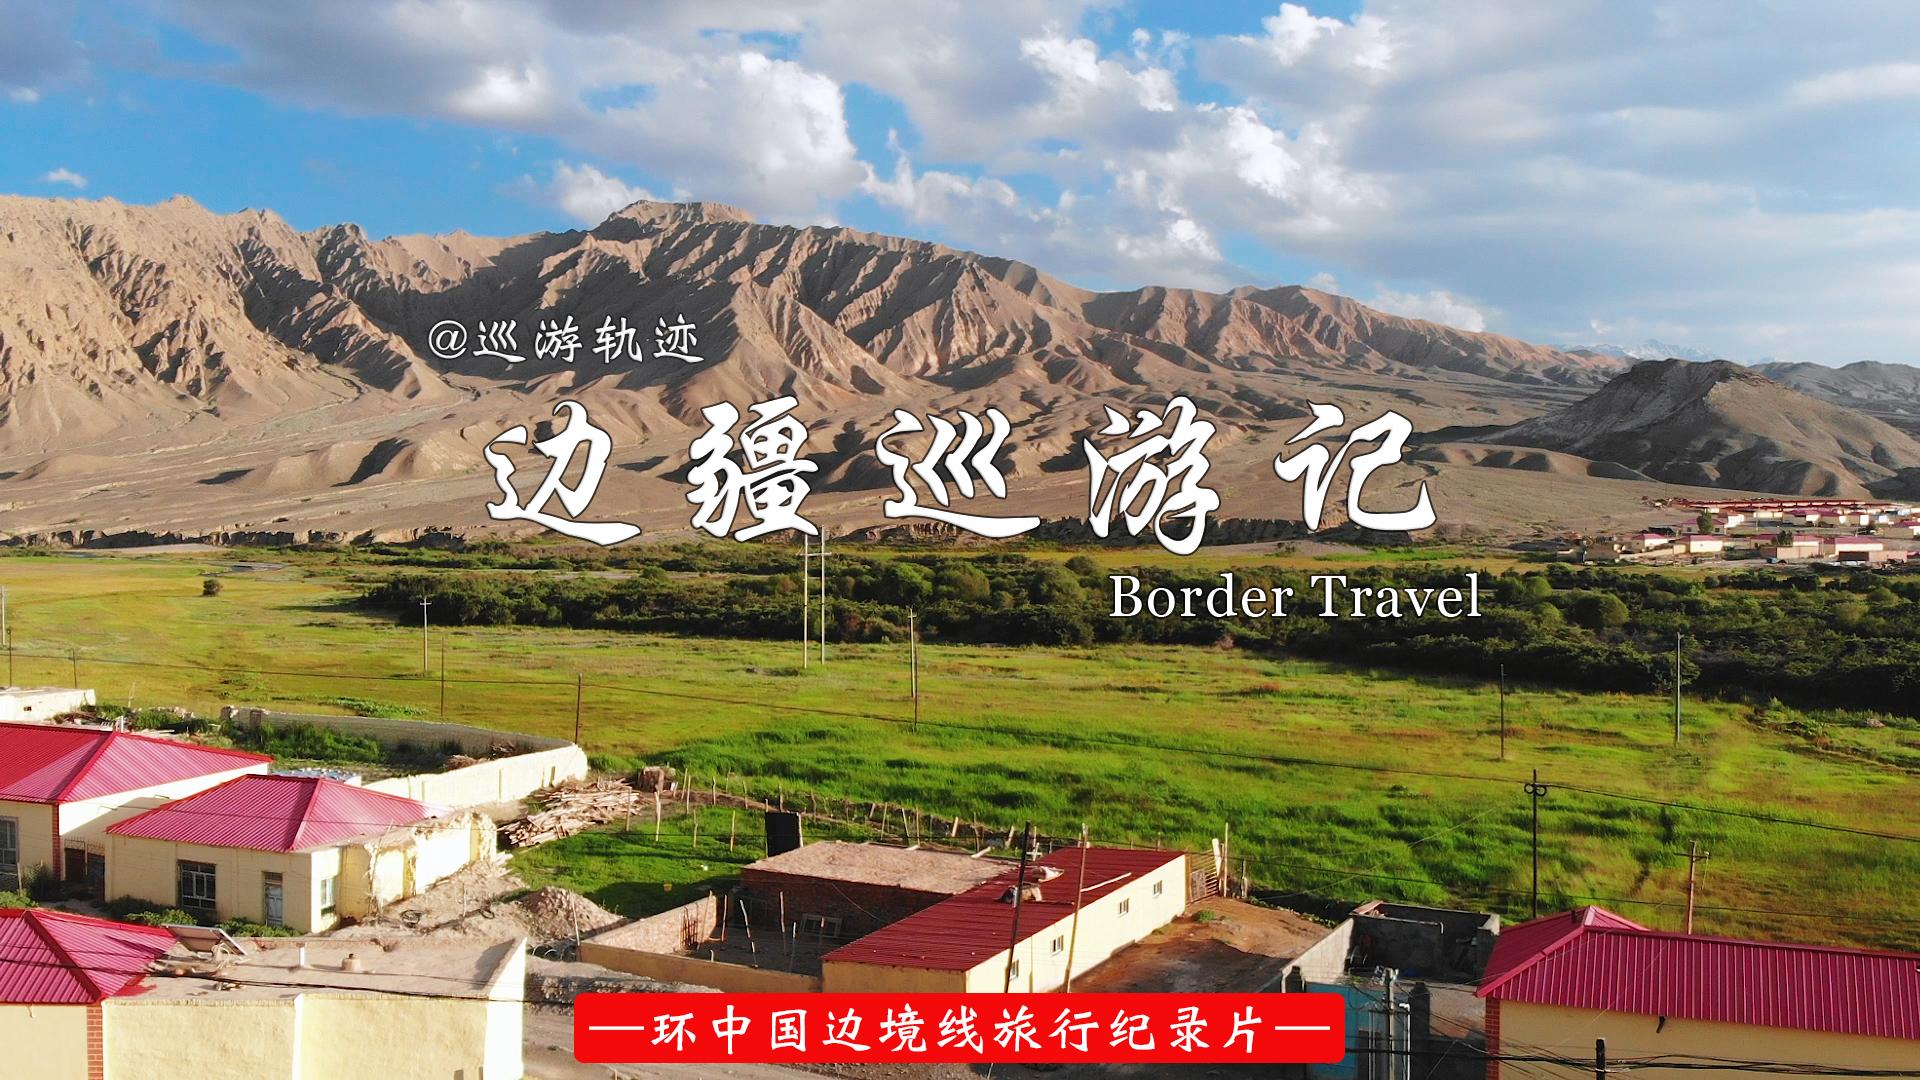 穷游中国边境线旅行纪录片|《边疆巡游记》第一季:逐梦西北(12集全)